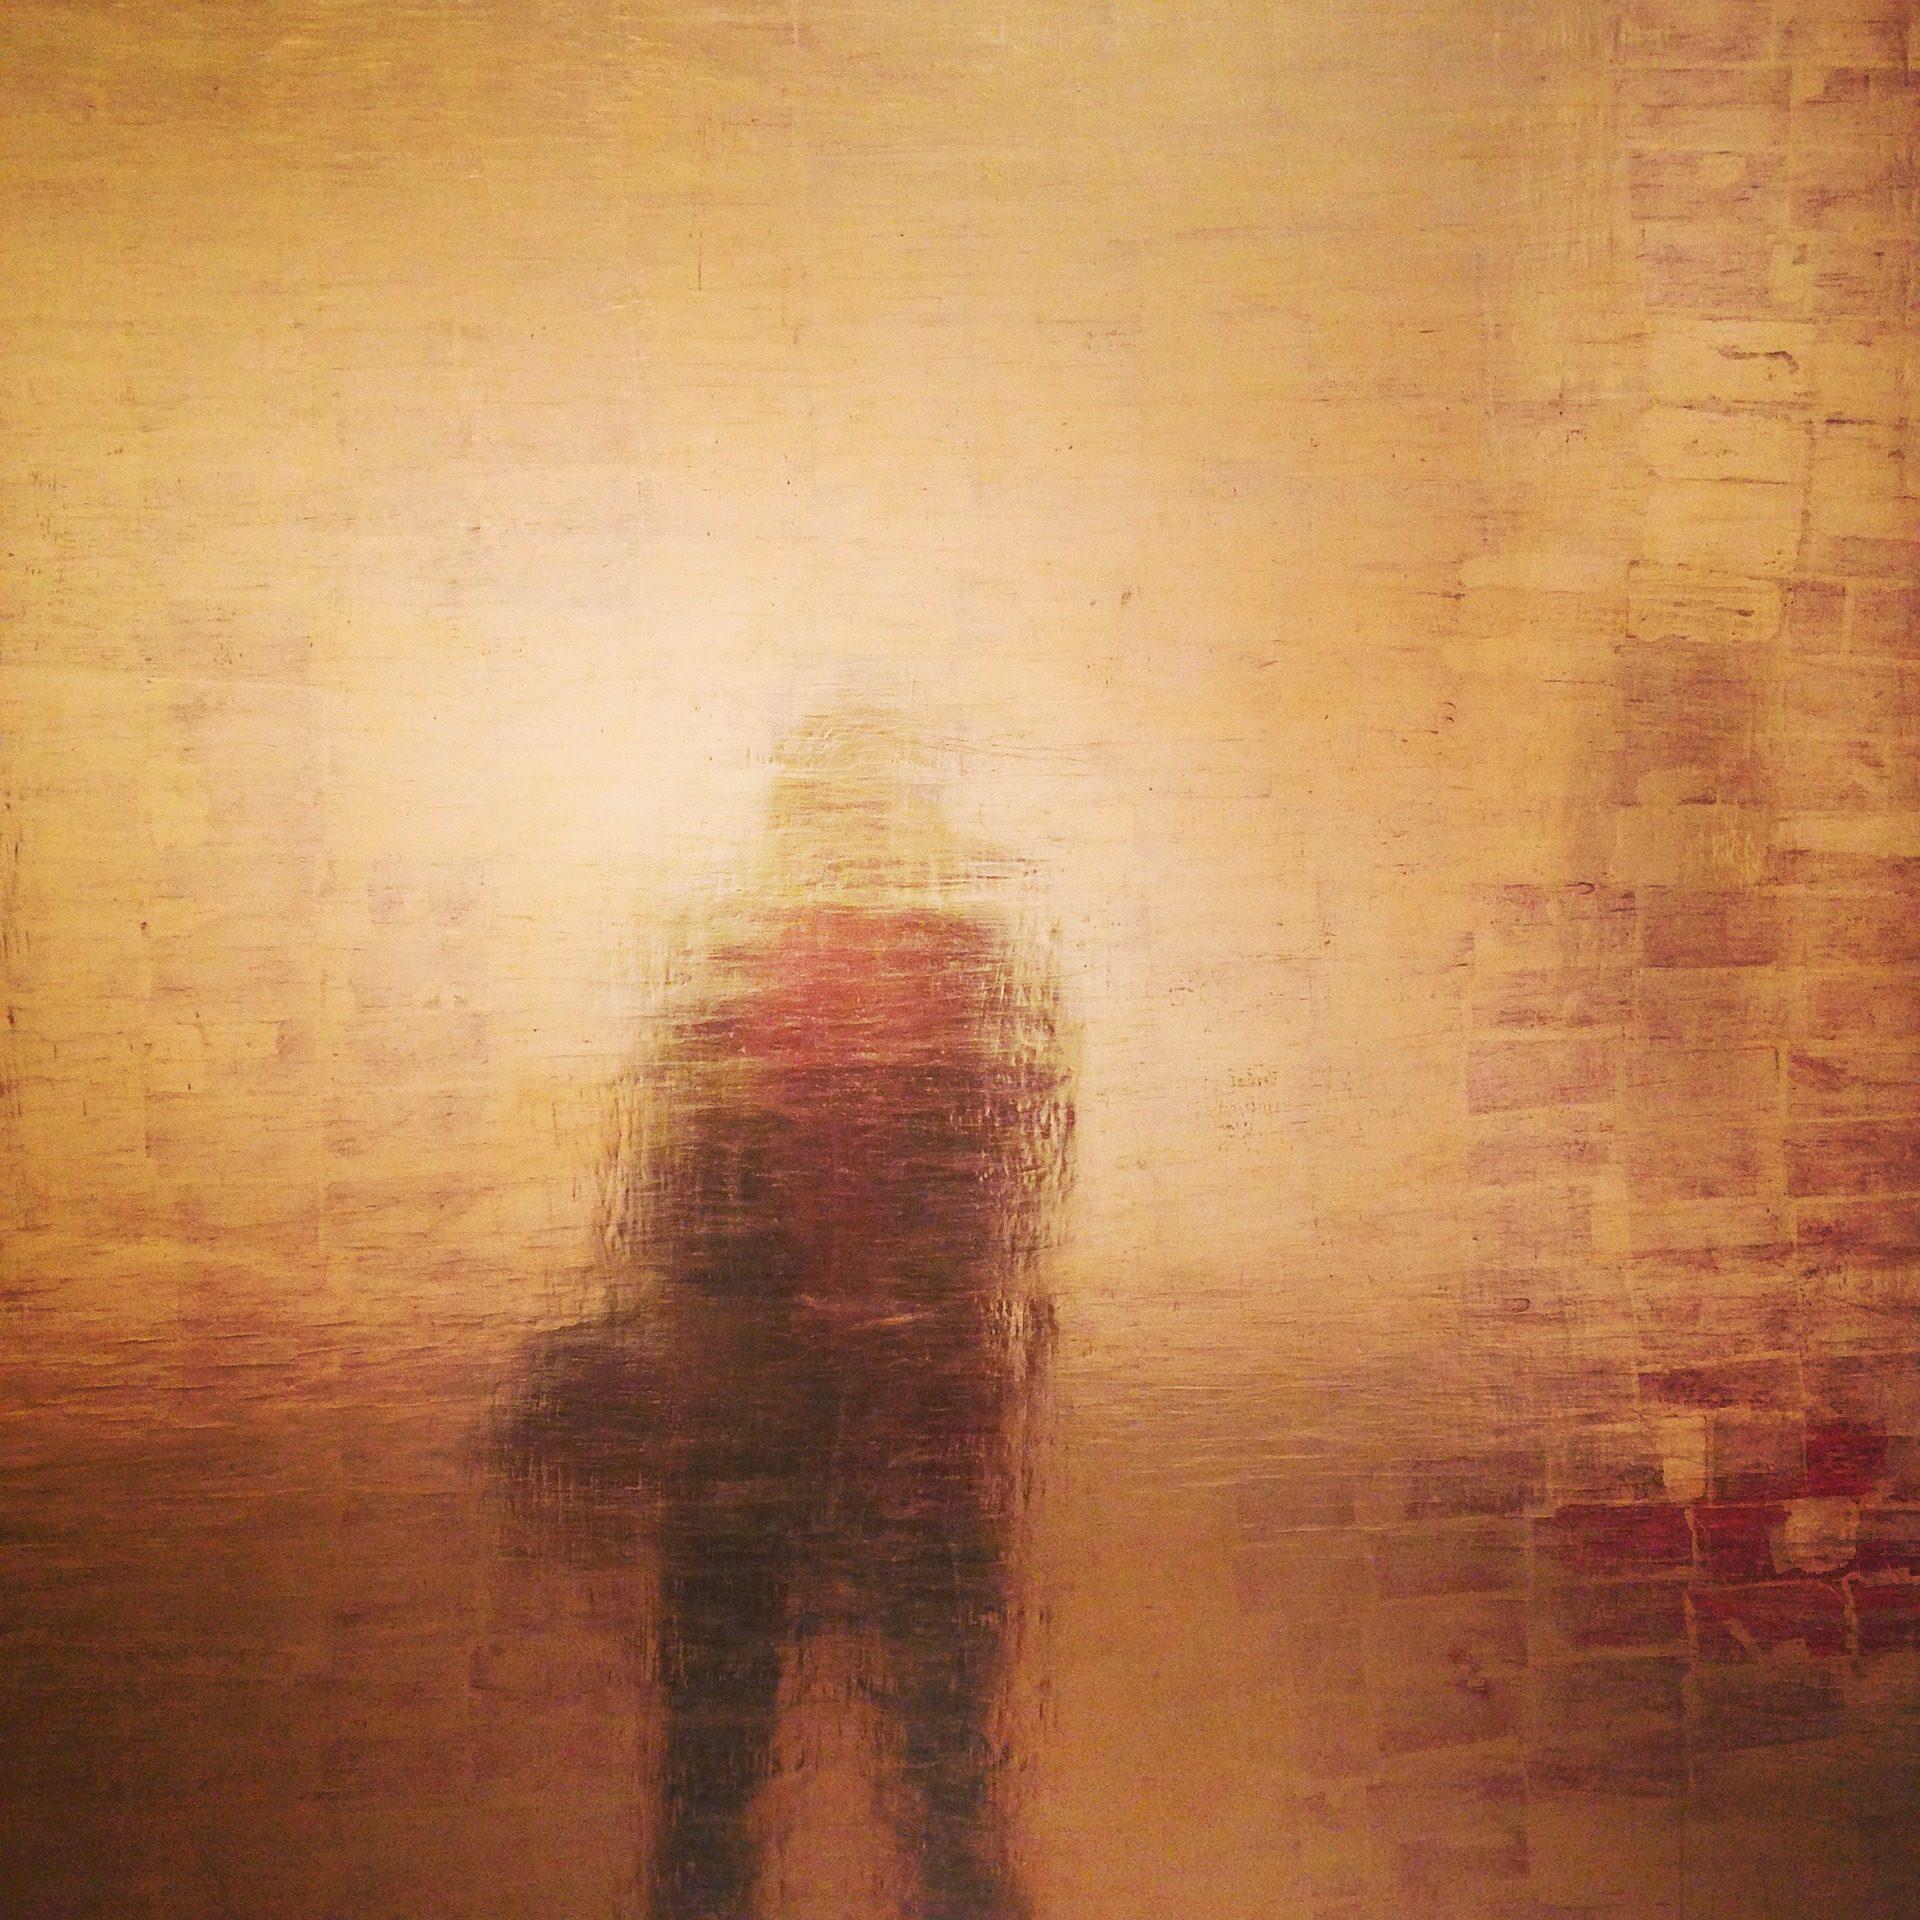 انعكاس, صورة ظلية, الشخص, المعادن الفلزية, دورادو - خلفيات عالية الدقة - أستاذ falken.com